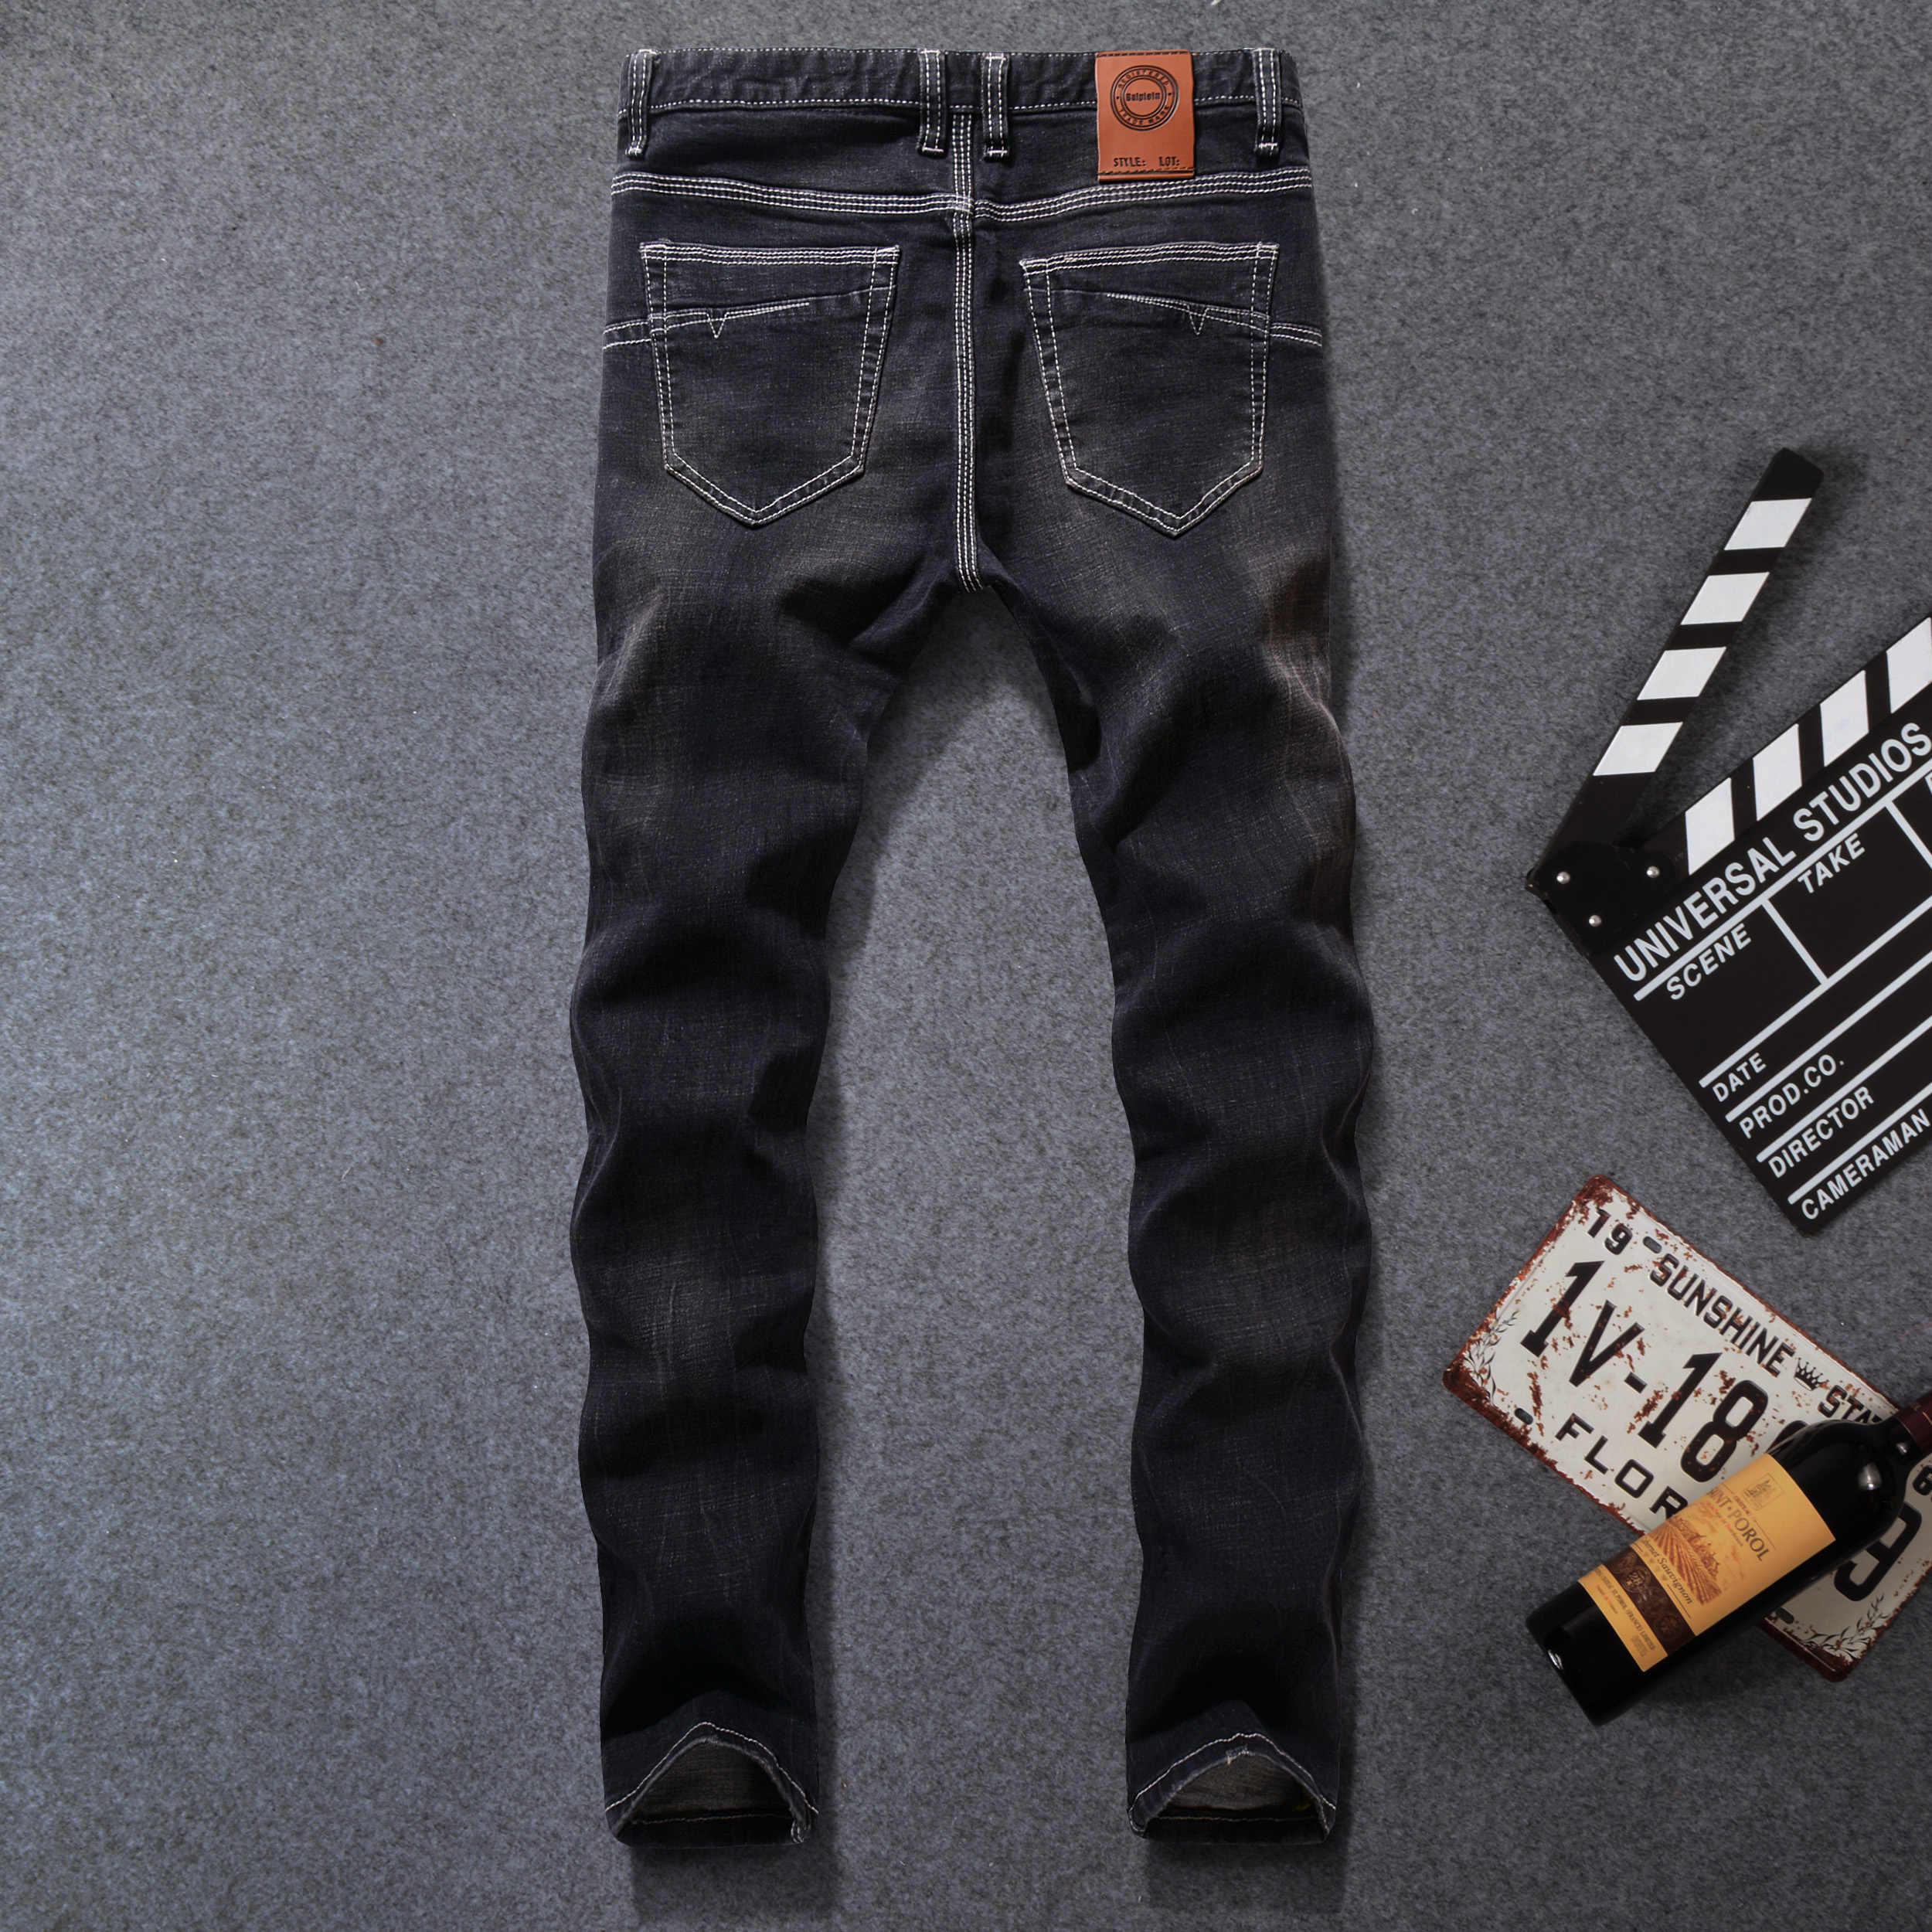 Color Negro Denim Con Franjas Vaqueros Pantalones Para Hombre Marca De Vaqueros Skinny Elastico Pantalones De Moda De Disenador De Los Hombres Pantalones Vaqueros De Talla Grande Stripe Jeans Men Brand Men Jeansdesigner Mens